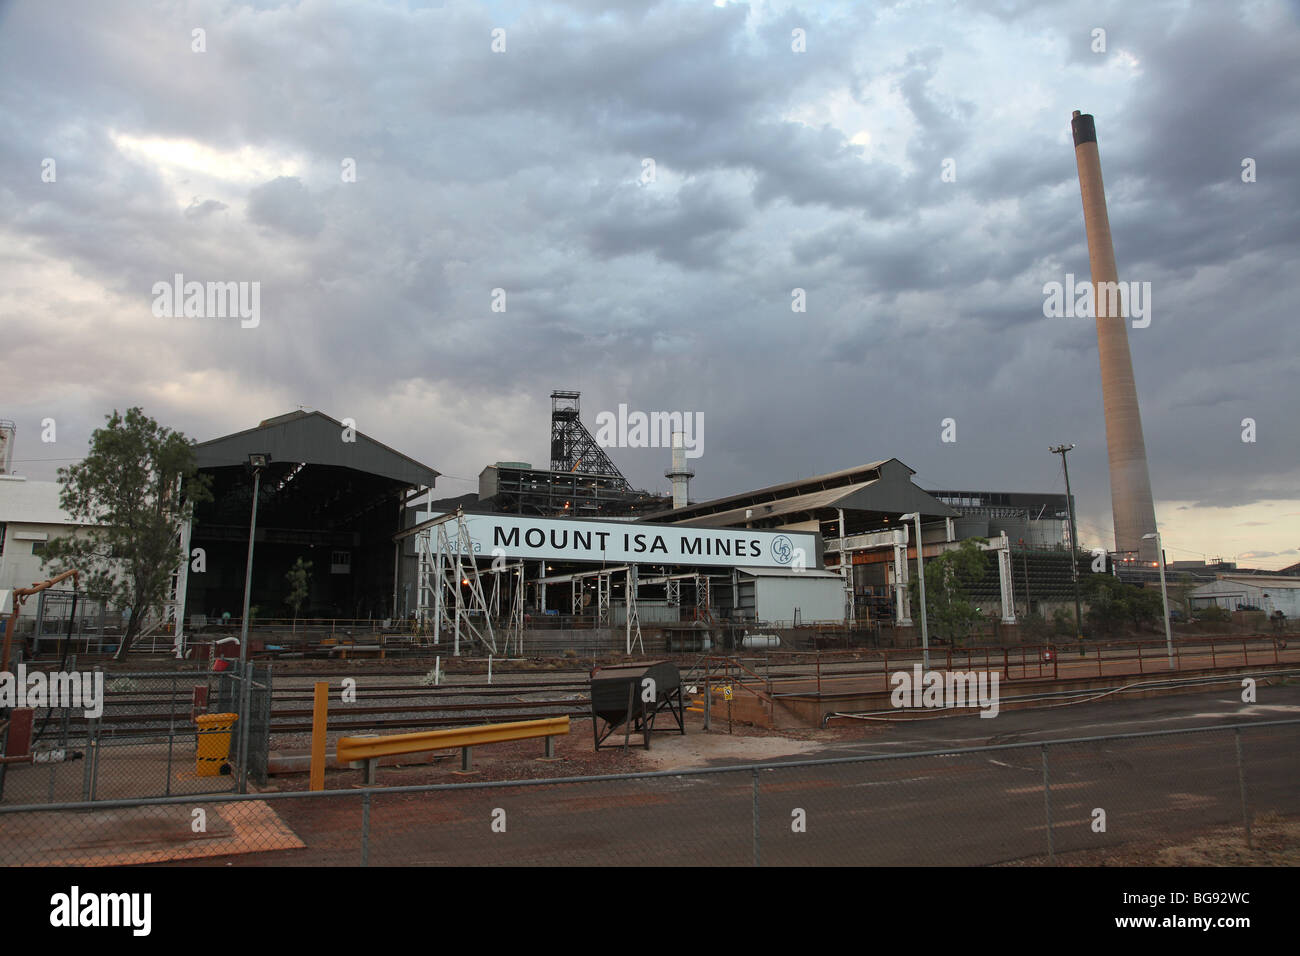 Mt Isa mines-Mt Isa-QLD-Australia - Stock Image